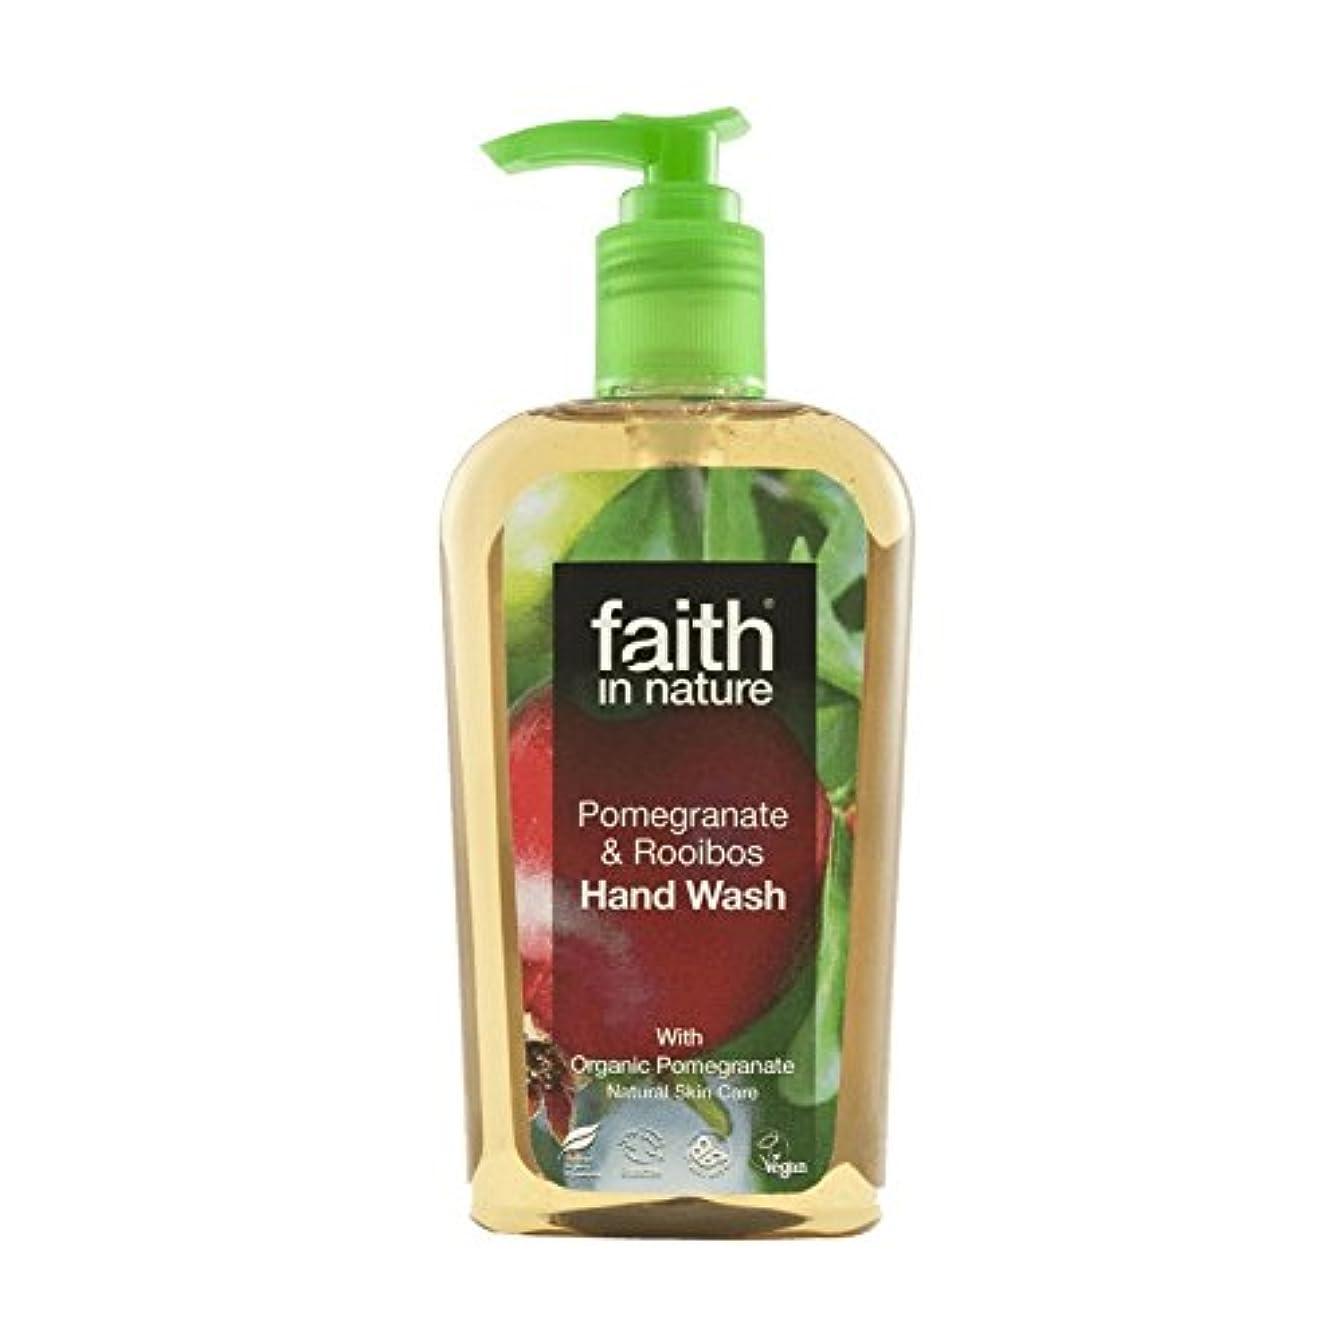 立ち寄る古代下向きFaith In Nature Pomegranate & Rooibos Handwash 300ml (Pack of 2) - 自然ザクロ&ルイボス手洗いの300ミリリットルの信仰 (x2) [並行輸入品]